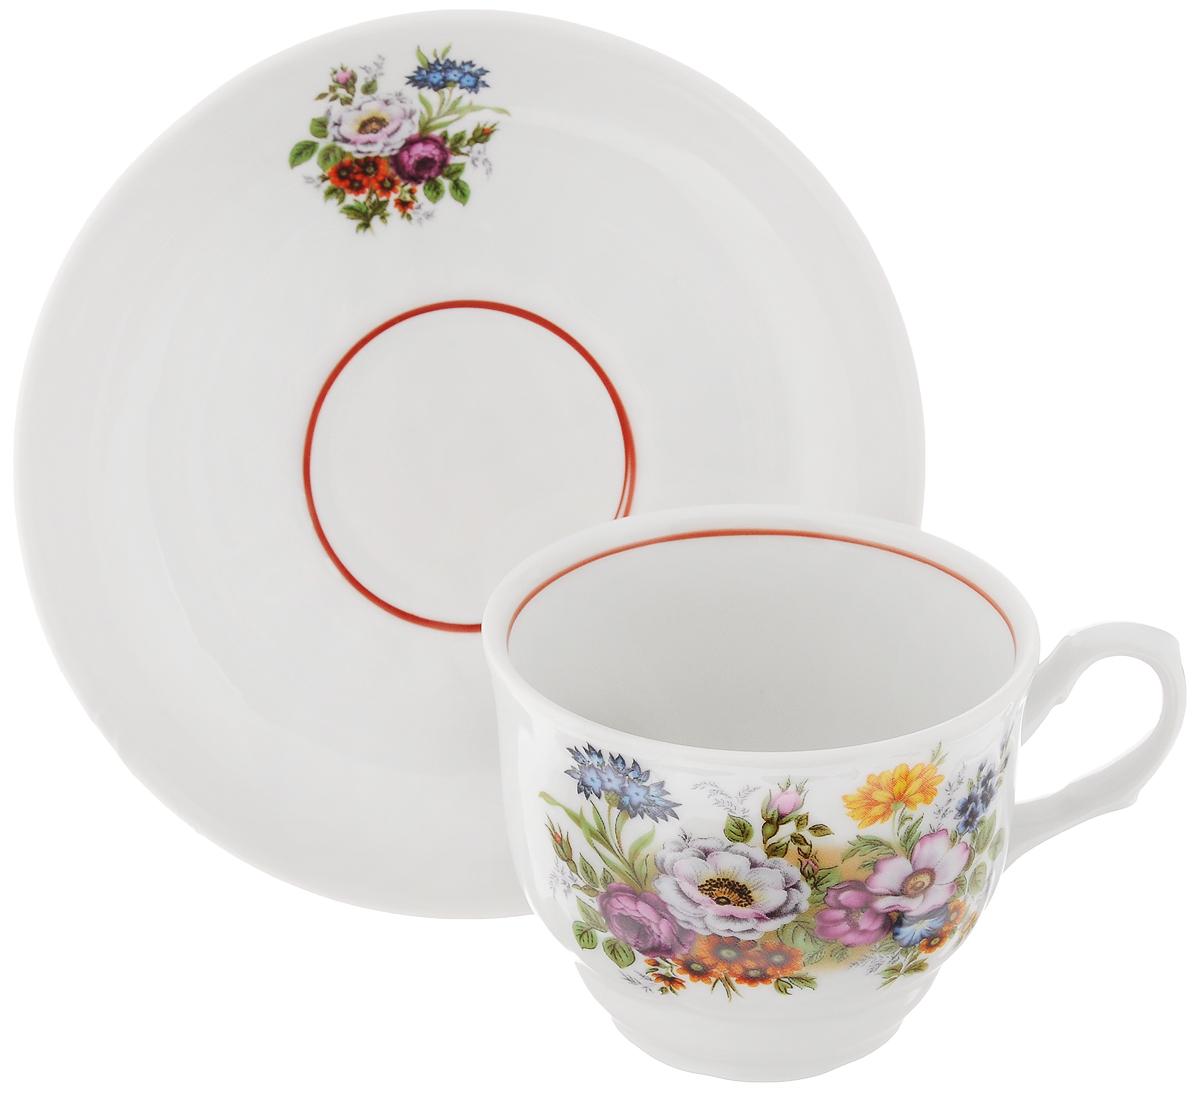 Чайная пара Тюльпан. Букет цветов, 2 предмета115610Чайная пара Тюльпан. Букет цветов состоит из чашки и блюдца, изготовленных из высококачественного фарфора. Яркий дизайн изделий, несомненно, придется вам по вкусу.Чайная пара Тюльпан. Букет цветов украсит ваш кухонный стол, а также станет замечательным подарком к любому празднику.Диаметр чашки (по верхнему краю): 8,5 см.Высота чашки: 7 см.Диаметр блюдца (по верхнему краю): 15 см.Высота блюдца: 3 см.